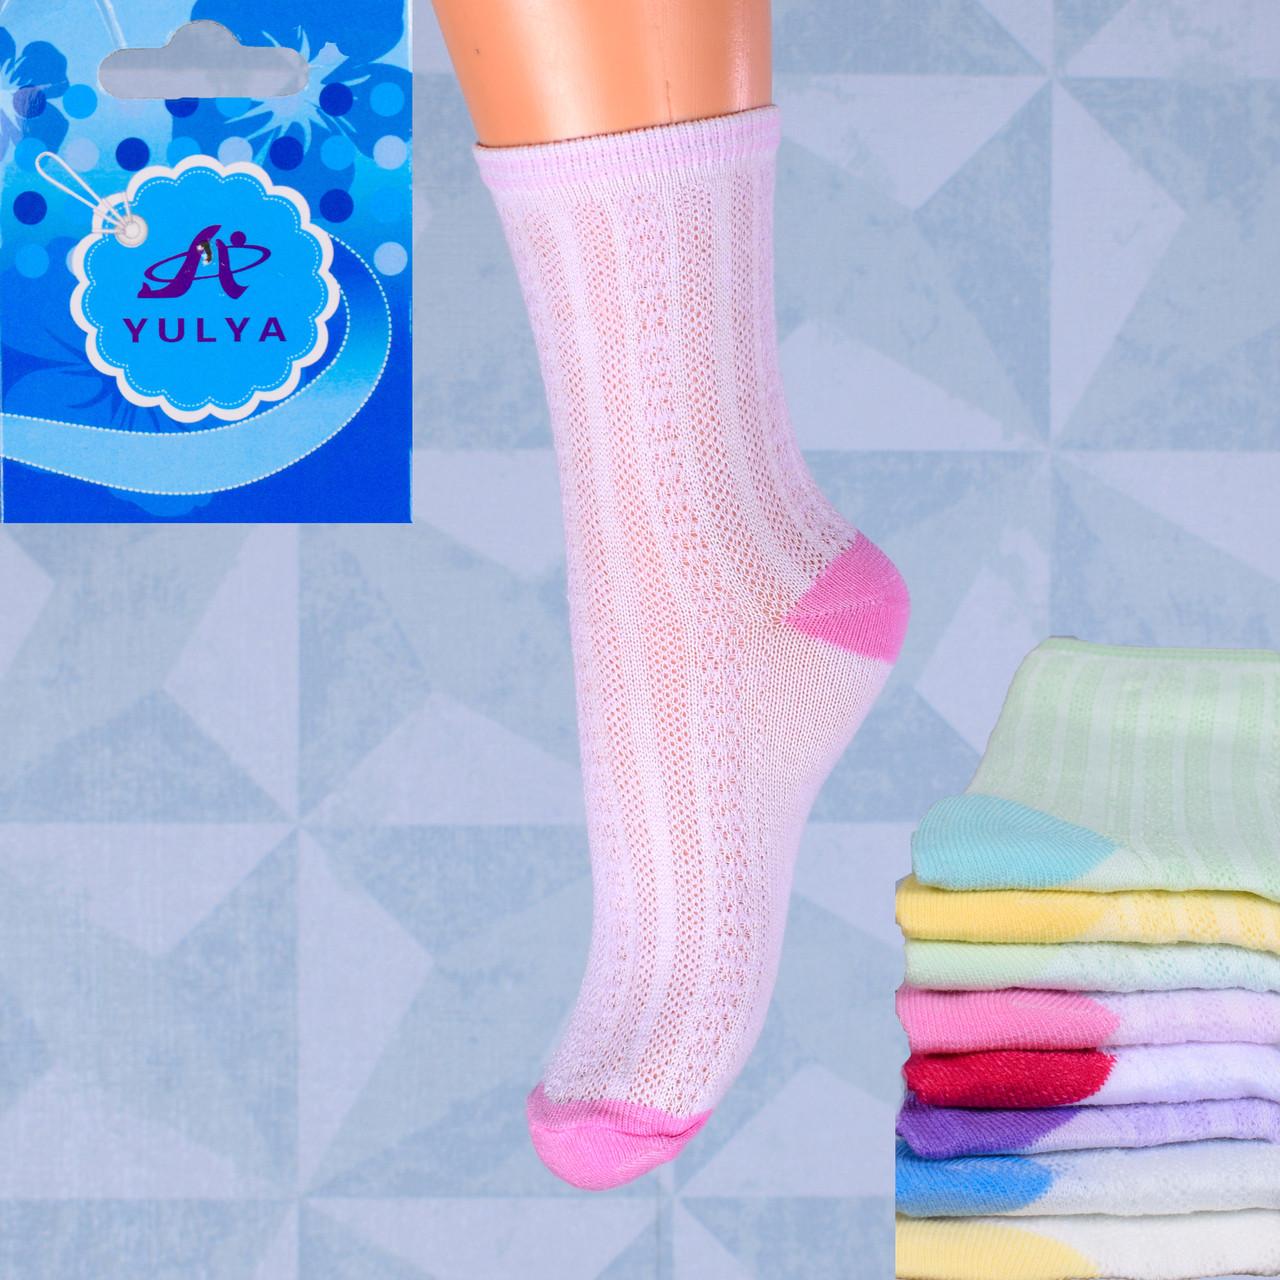 Купить детские носочки сеточка Yulya 6128 1-2. В упаковке 12 пар